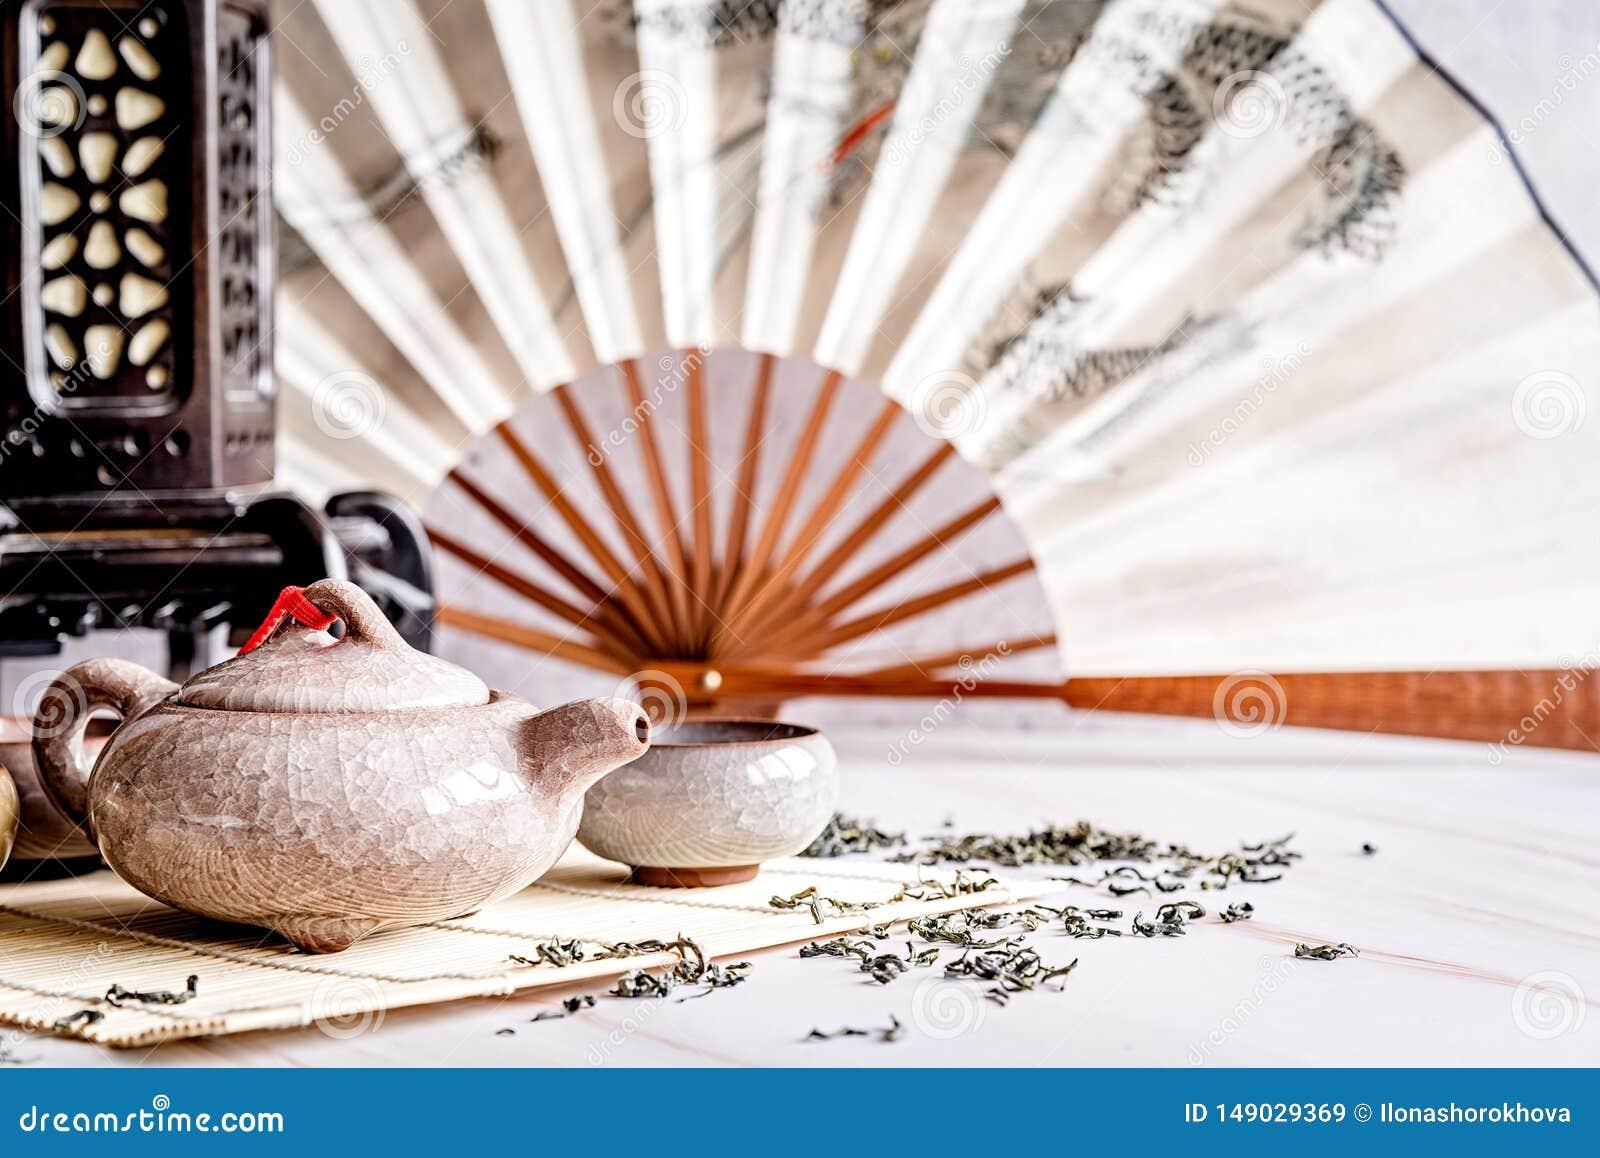 Teiera asiatica con i tazza da the su tablamat di bambù decorato con il fan cinese, la lanterna ed il tè verde sparso su marmo bi